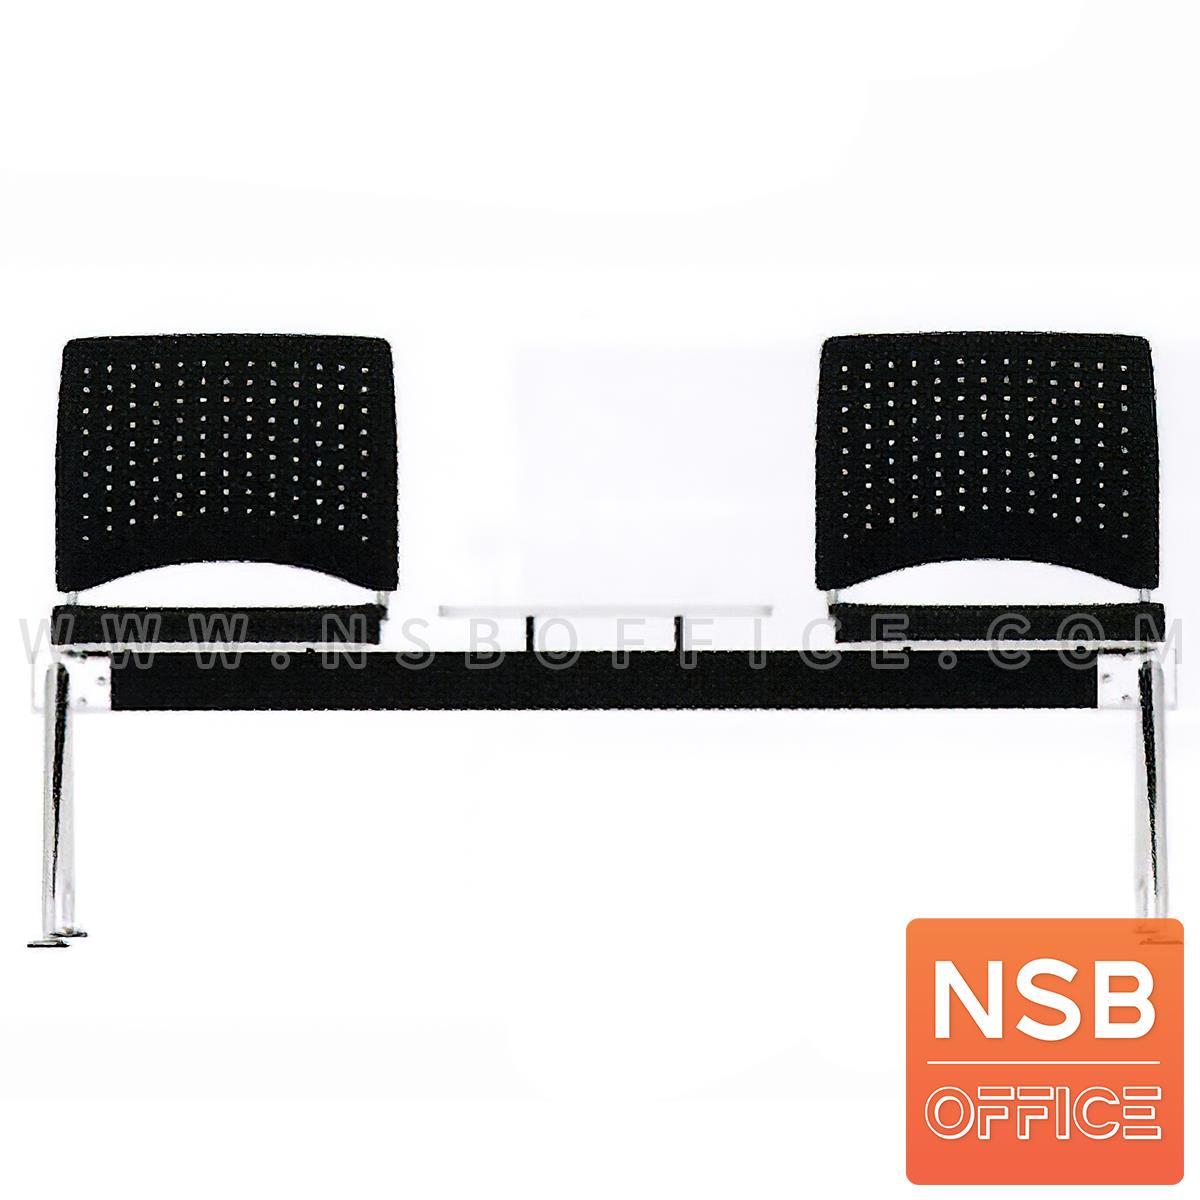 B06A157:เก้าอี้นั่งคอยพลาสติก รุ่น Gealish  2 ที่นั่ง พร้อมที่วางของ ขาเหล็ก